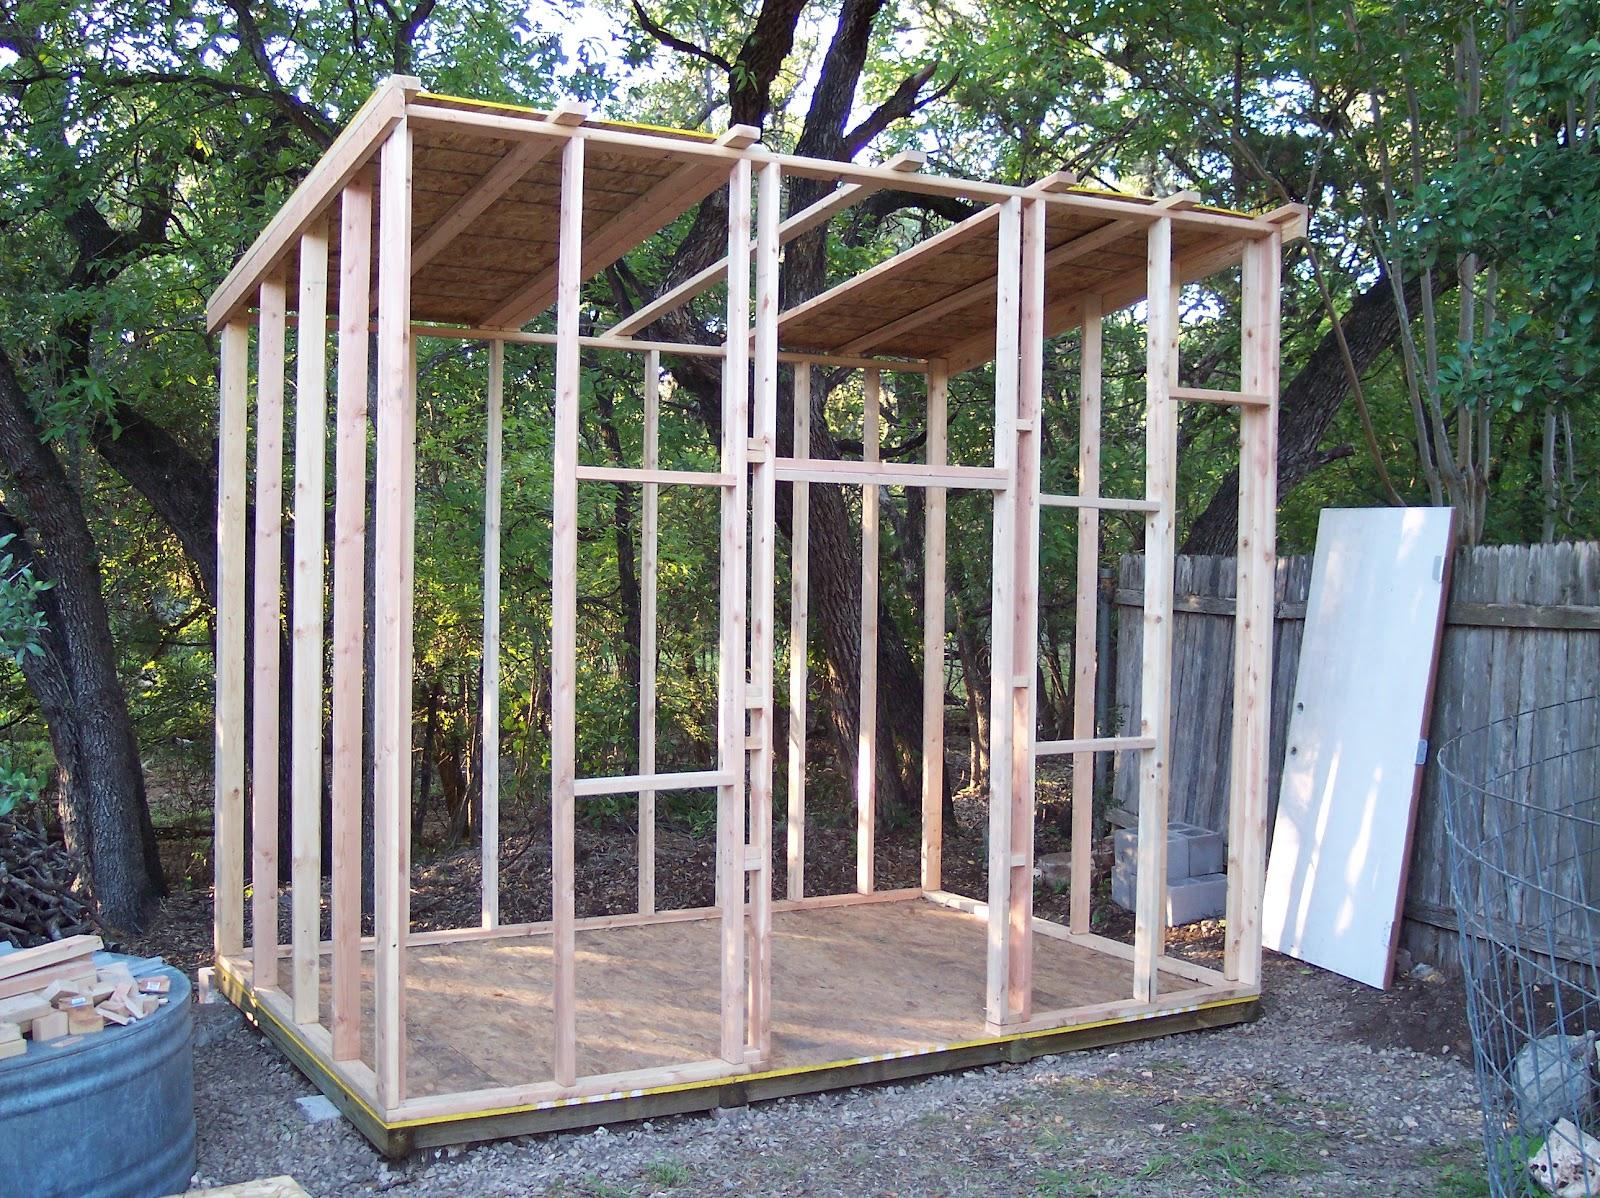 Rock Oak Deer Texas Style Shed Project